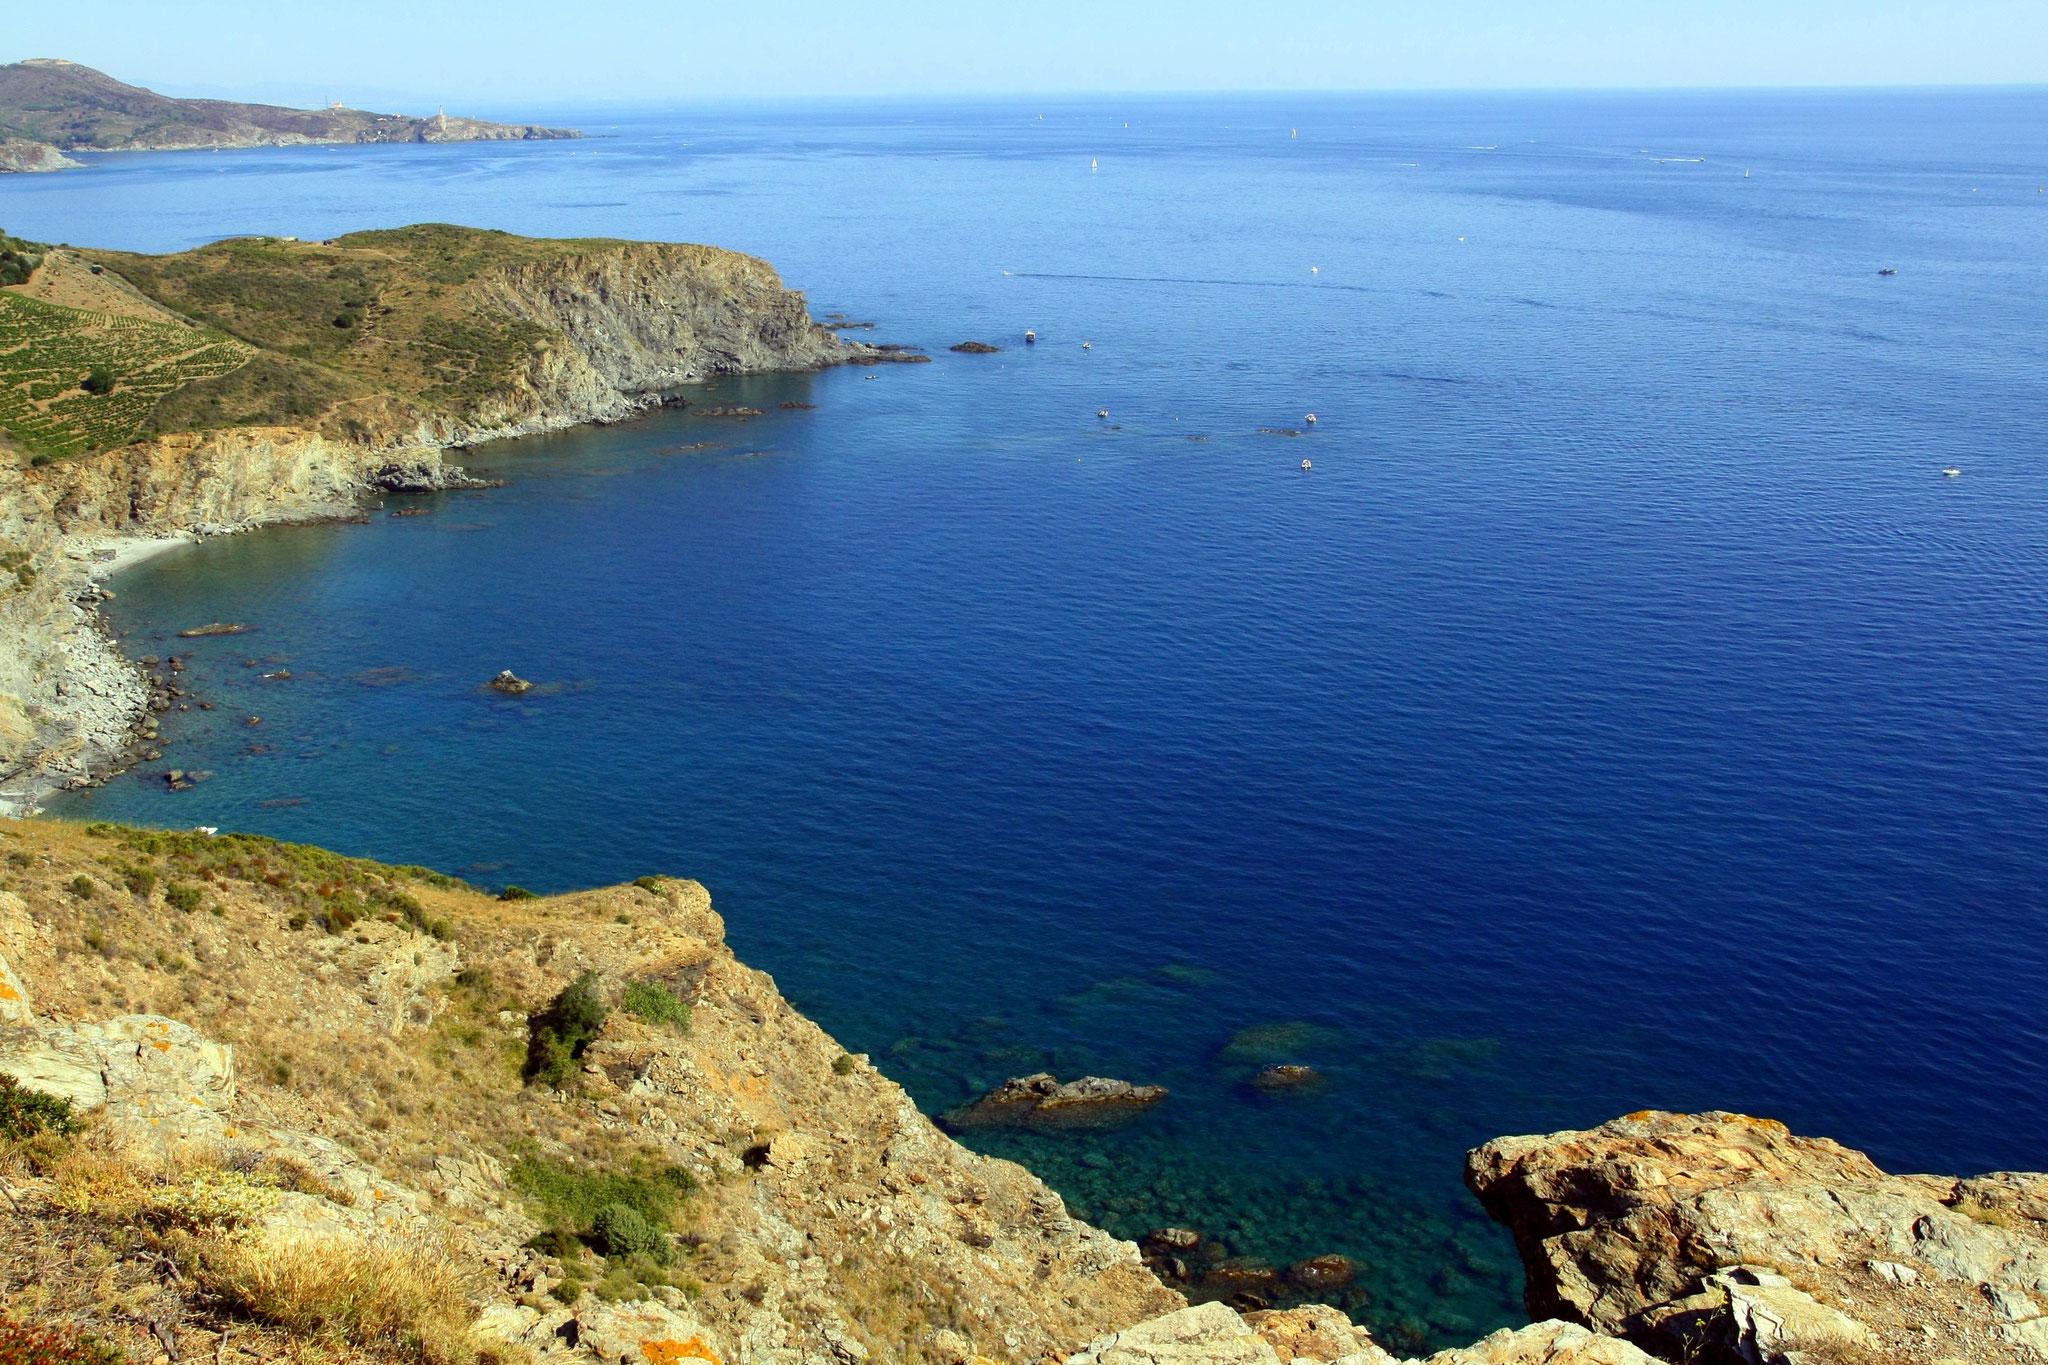 La côte Vermeille (Collioure, Port-Vendres, Banyuls, Cerbère)